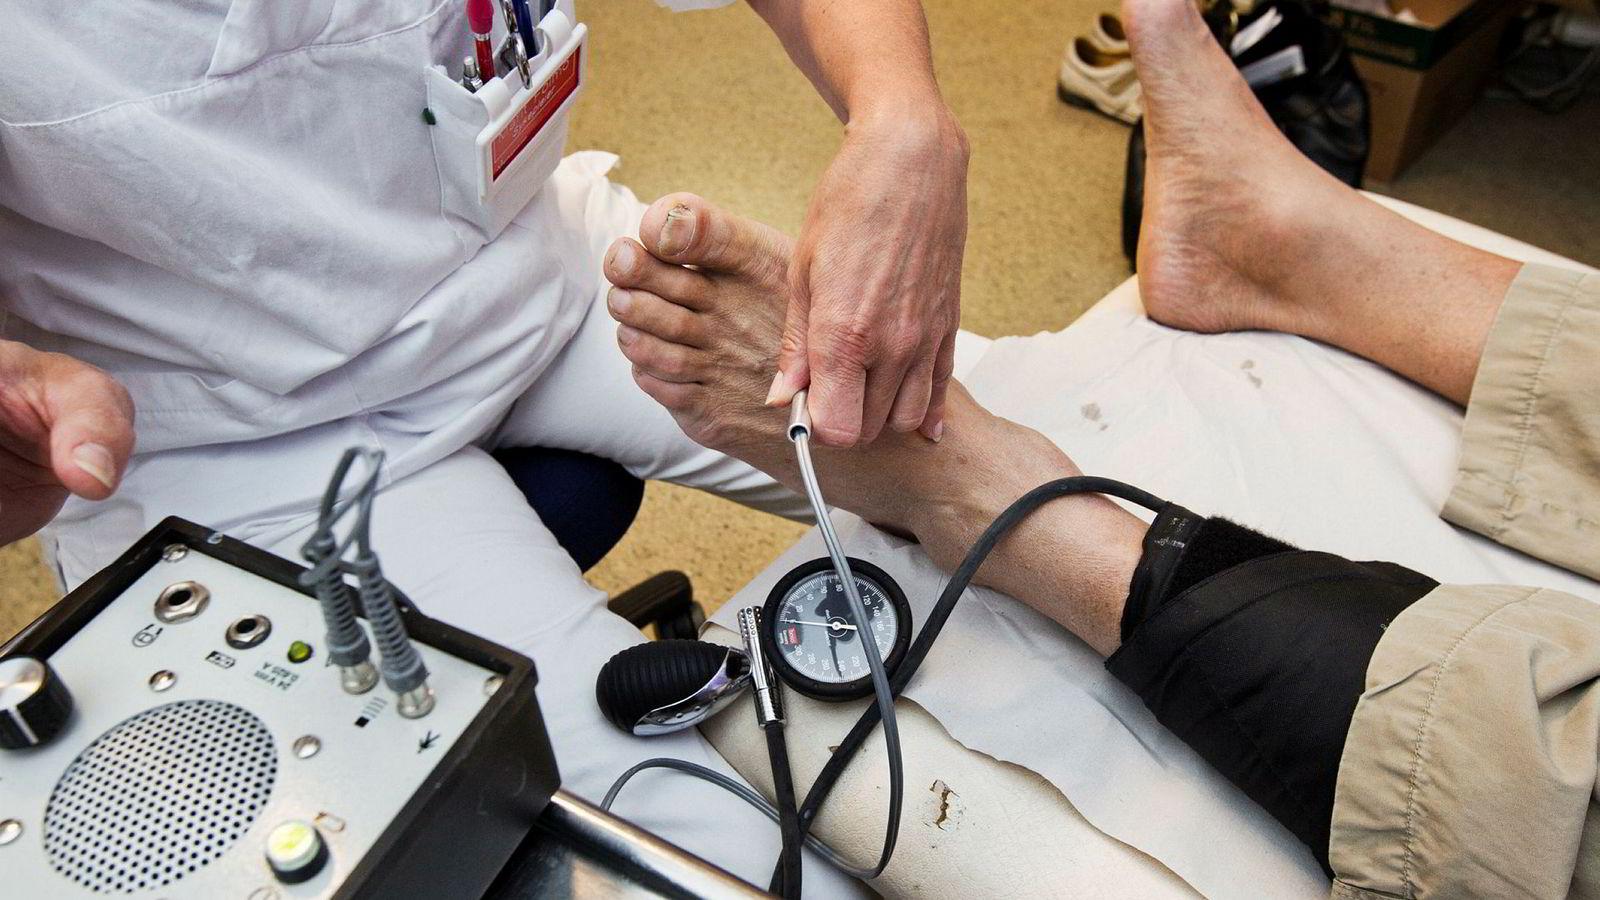 Nylig lanserte legeforeningen en kampanje som kalles «Gjør kloke valg». Bakgrunnen for denne kampanjen er at noen undersøkelser og behandlinger ikke bare er unødvendige, men også potensielt skadelige for pasienter.